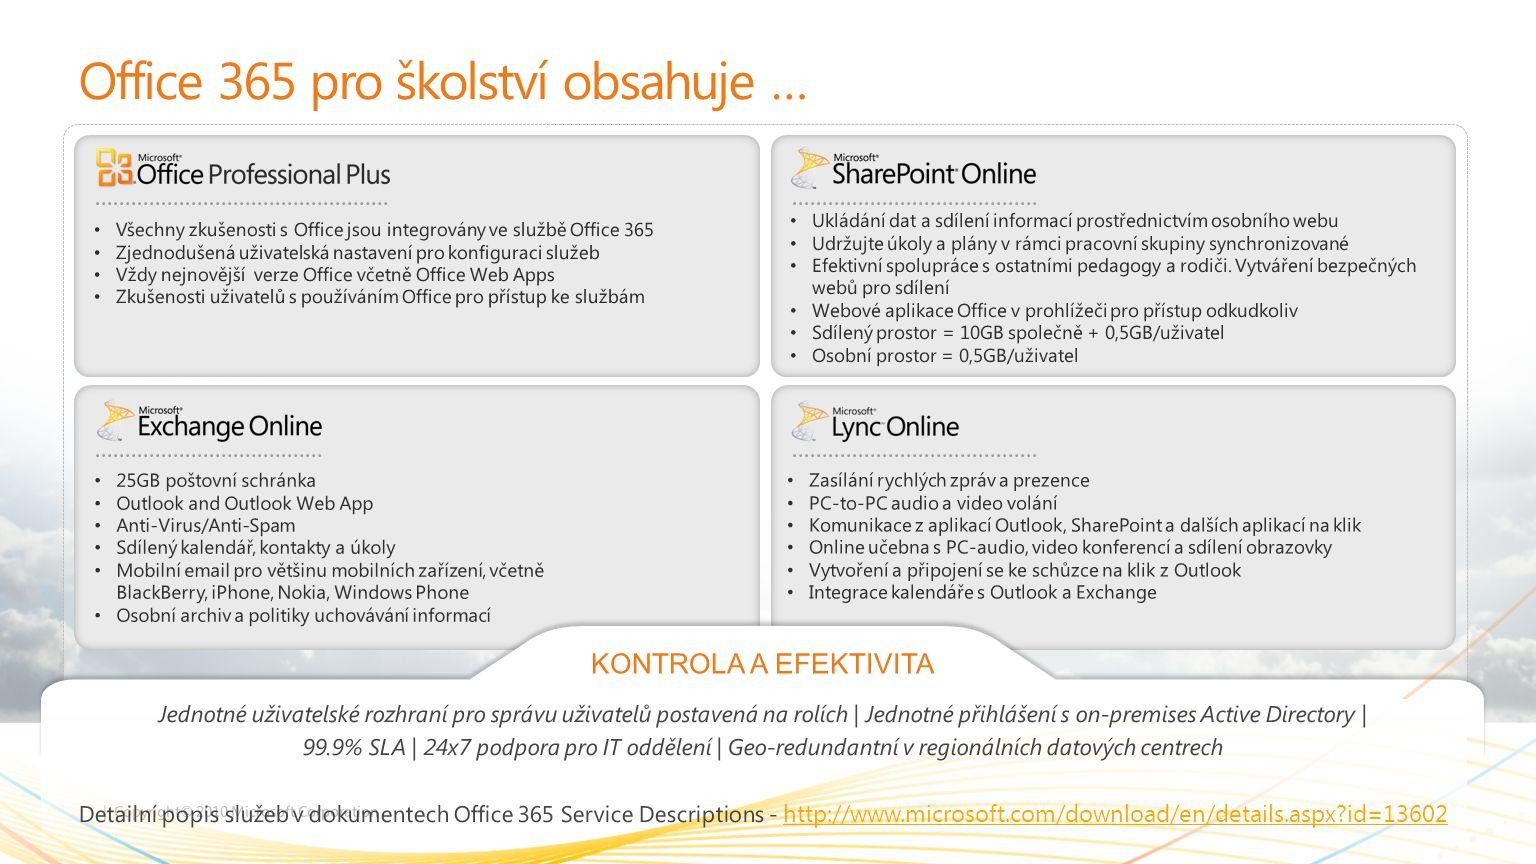 Outlook Outlook Web App Exchange Komunikace a řízení času E-maily a jejich správa (vlákna, příznaky, pravidla, vyhledávání, UC) Kalendáře (osobní, sdílené, místnosti, schůzky, delegování) Kontakty (osobní, GAL) Úkoly (osobní, přidělování) Mobilní zařízení (synchronizace)